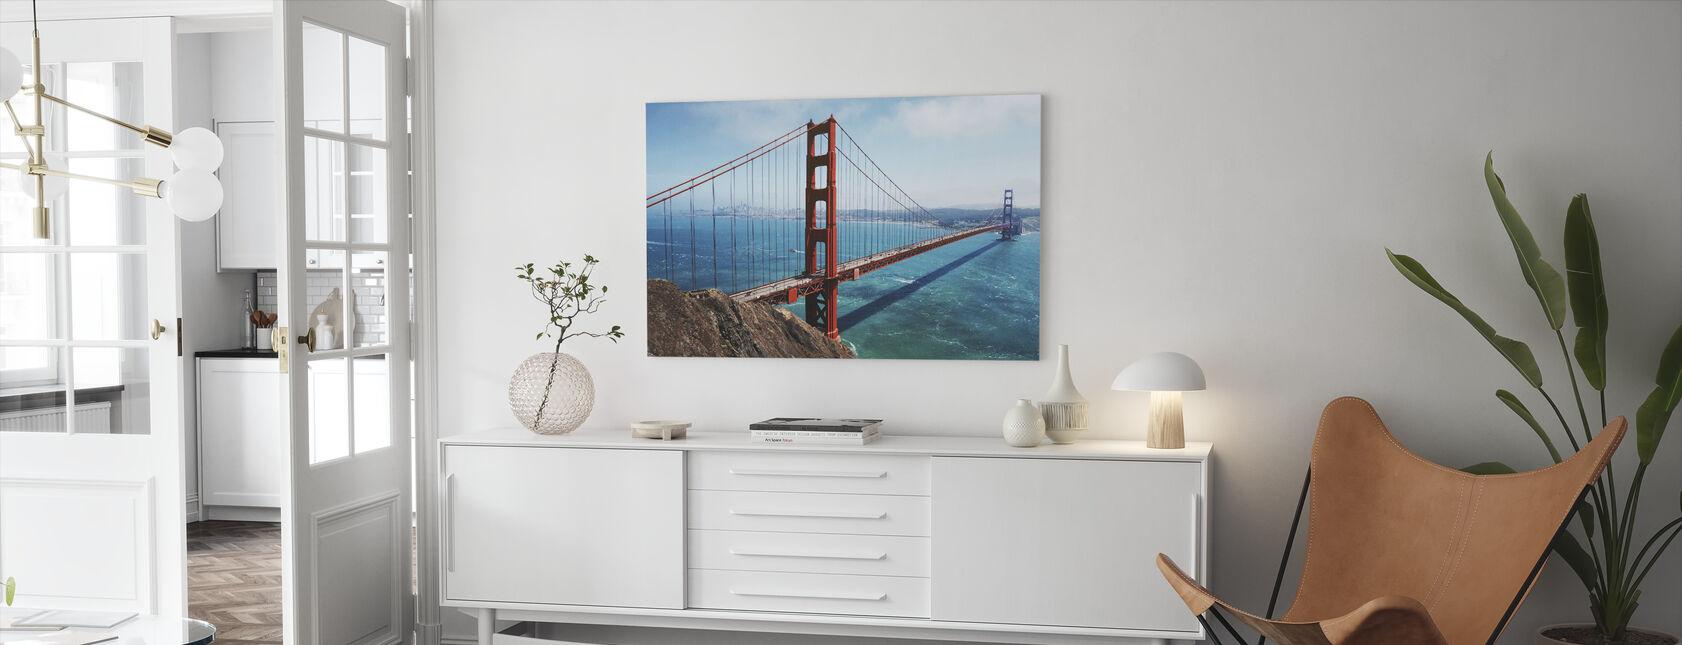 Golden Gate Bridge - Leinwandbild - Wohnzimmer